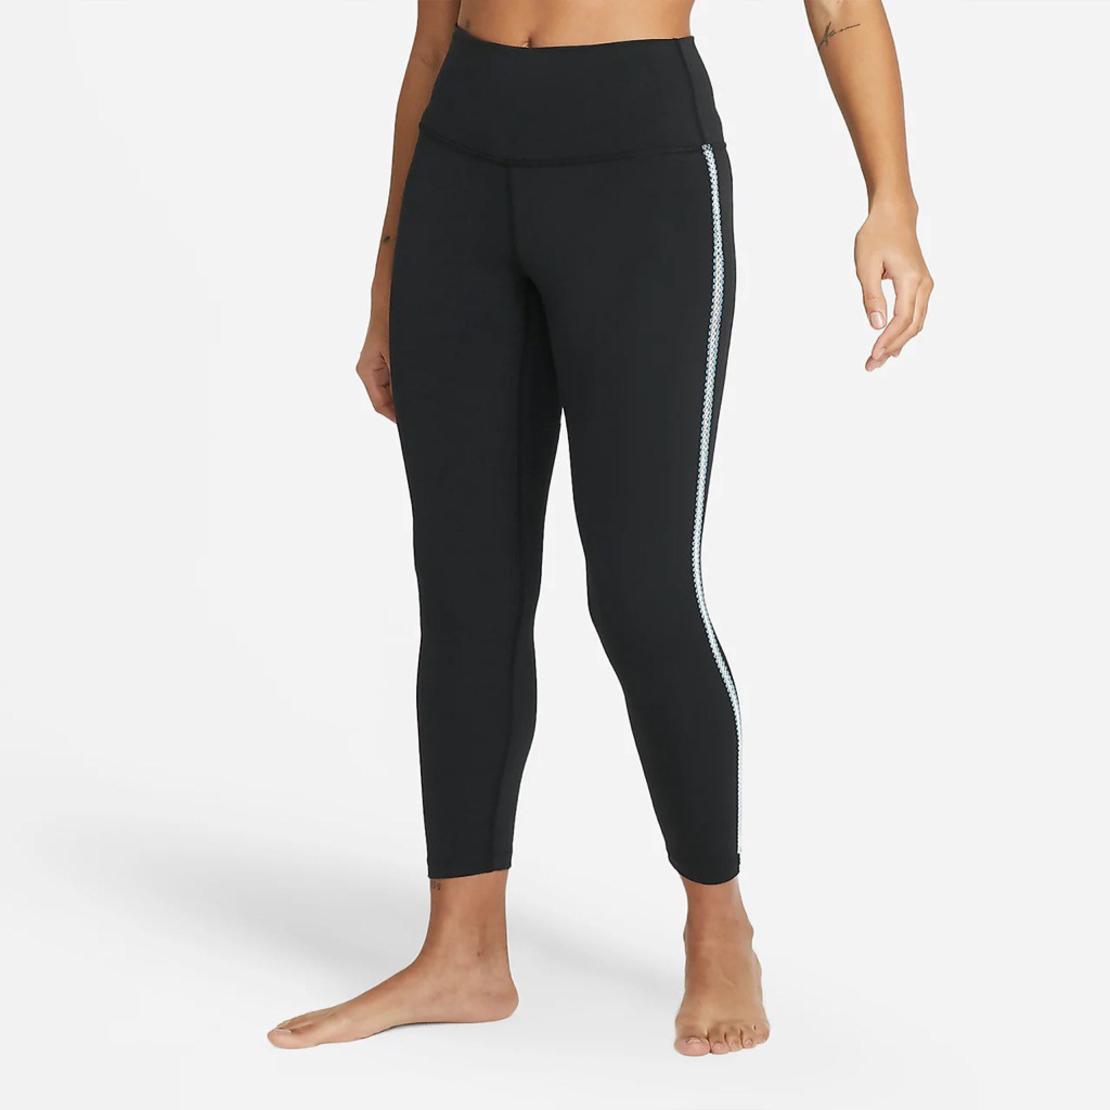 טייץ נייק נשים   Nike Yoga Women's 7/8 Crochet Edge Leggings